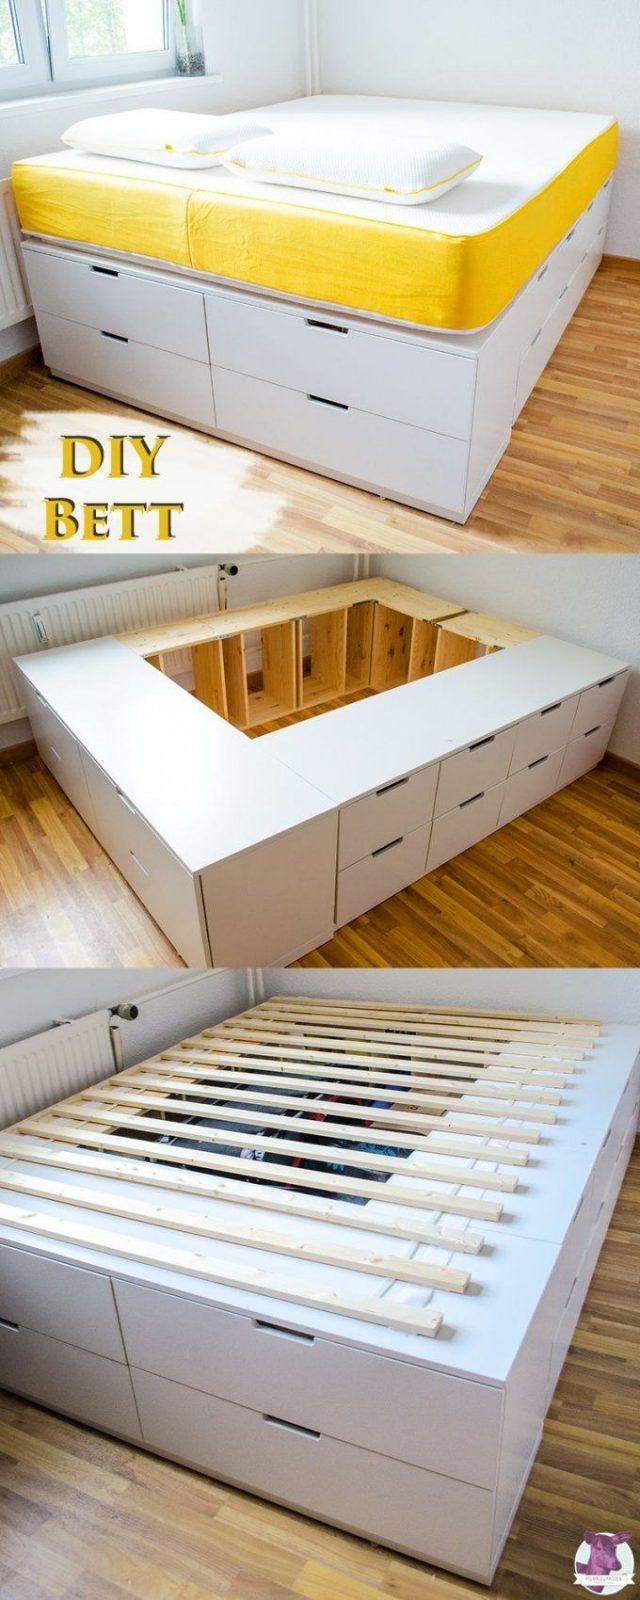 Diy Ikea Hack  Plattformbett Selber Bauen Aus Ikea Kommoden von Bett Selber Bauen 200X200 Bild